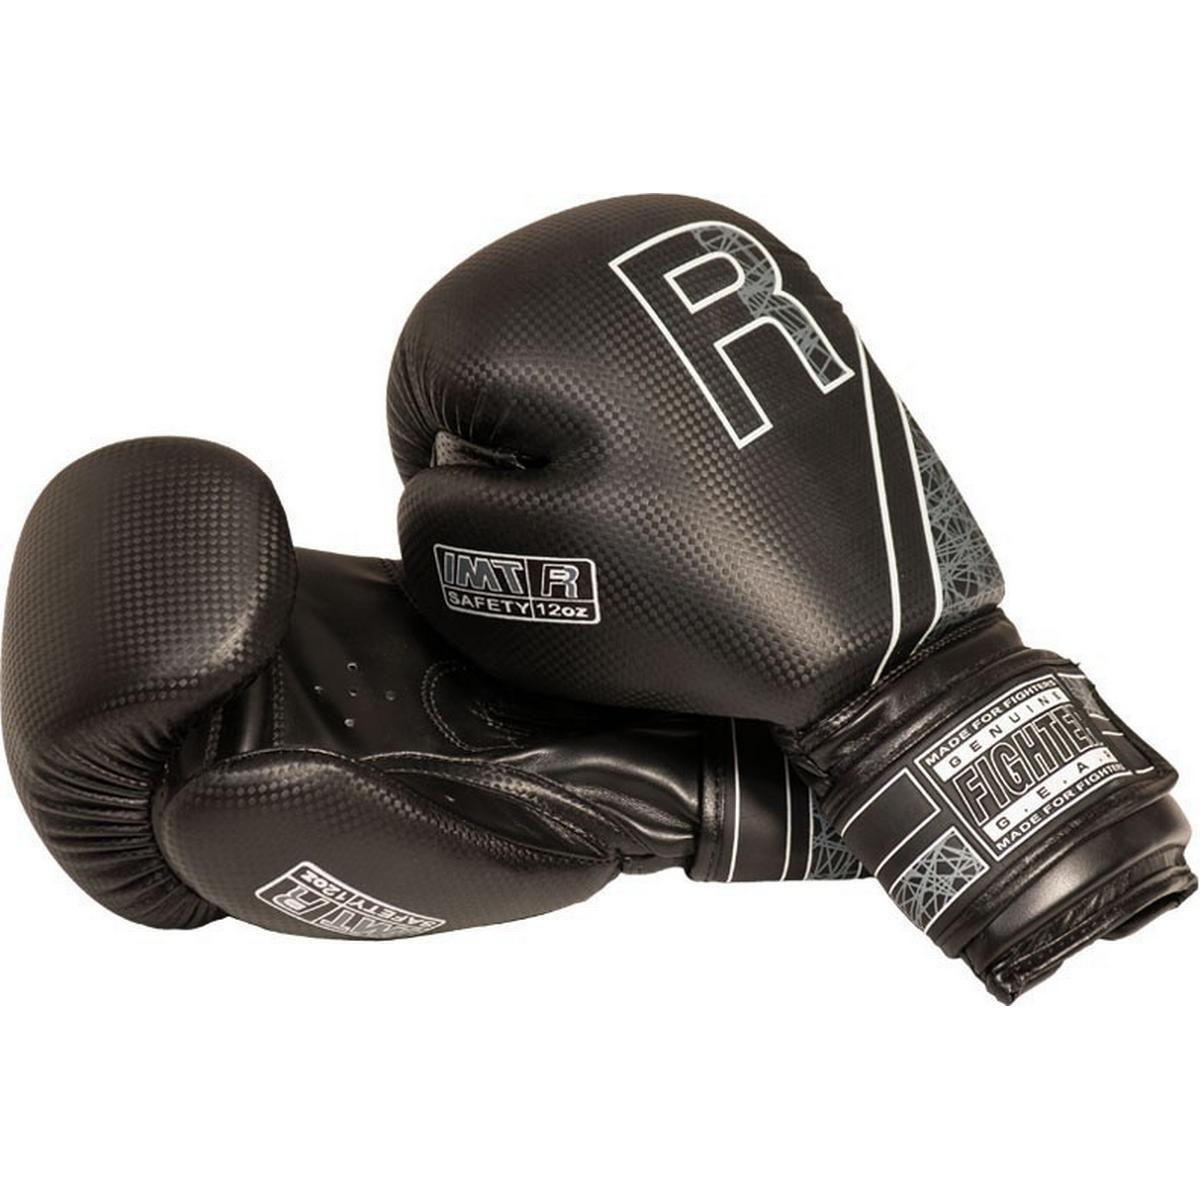 Boxhandske • Hitta lägsta pris hos PriceRunner och spar pengar »